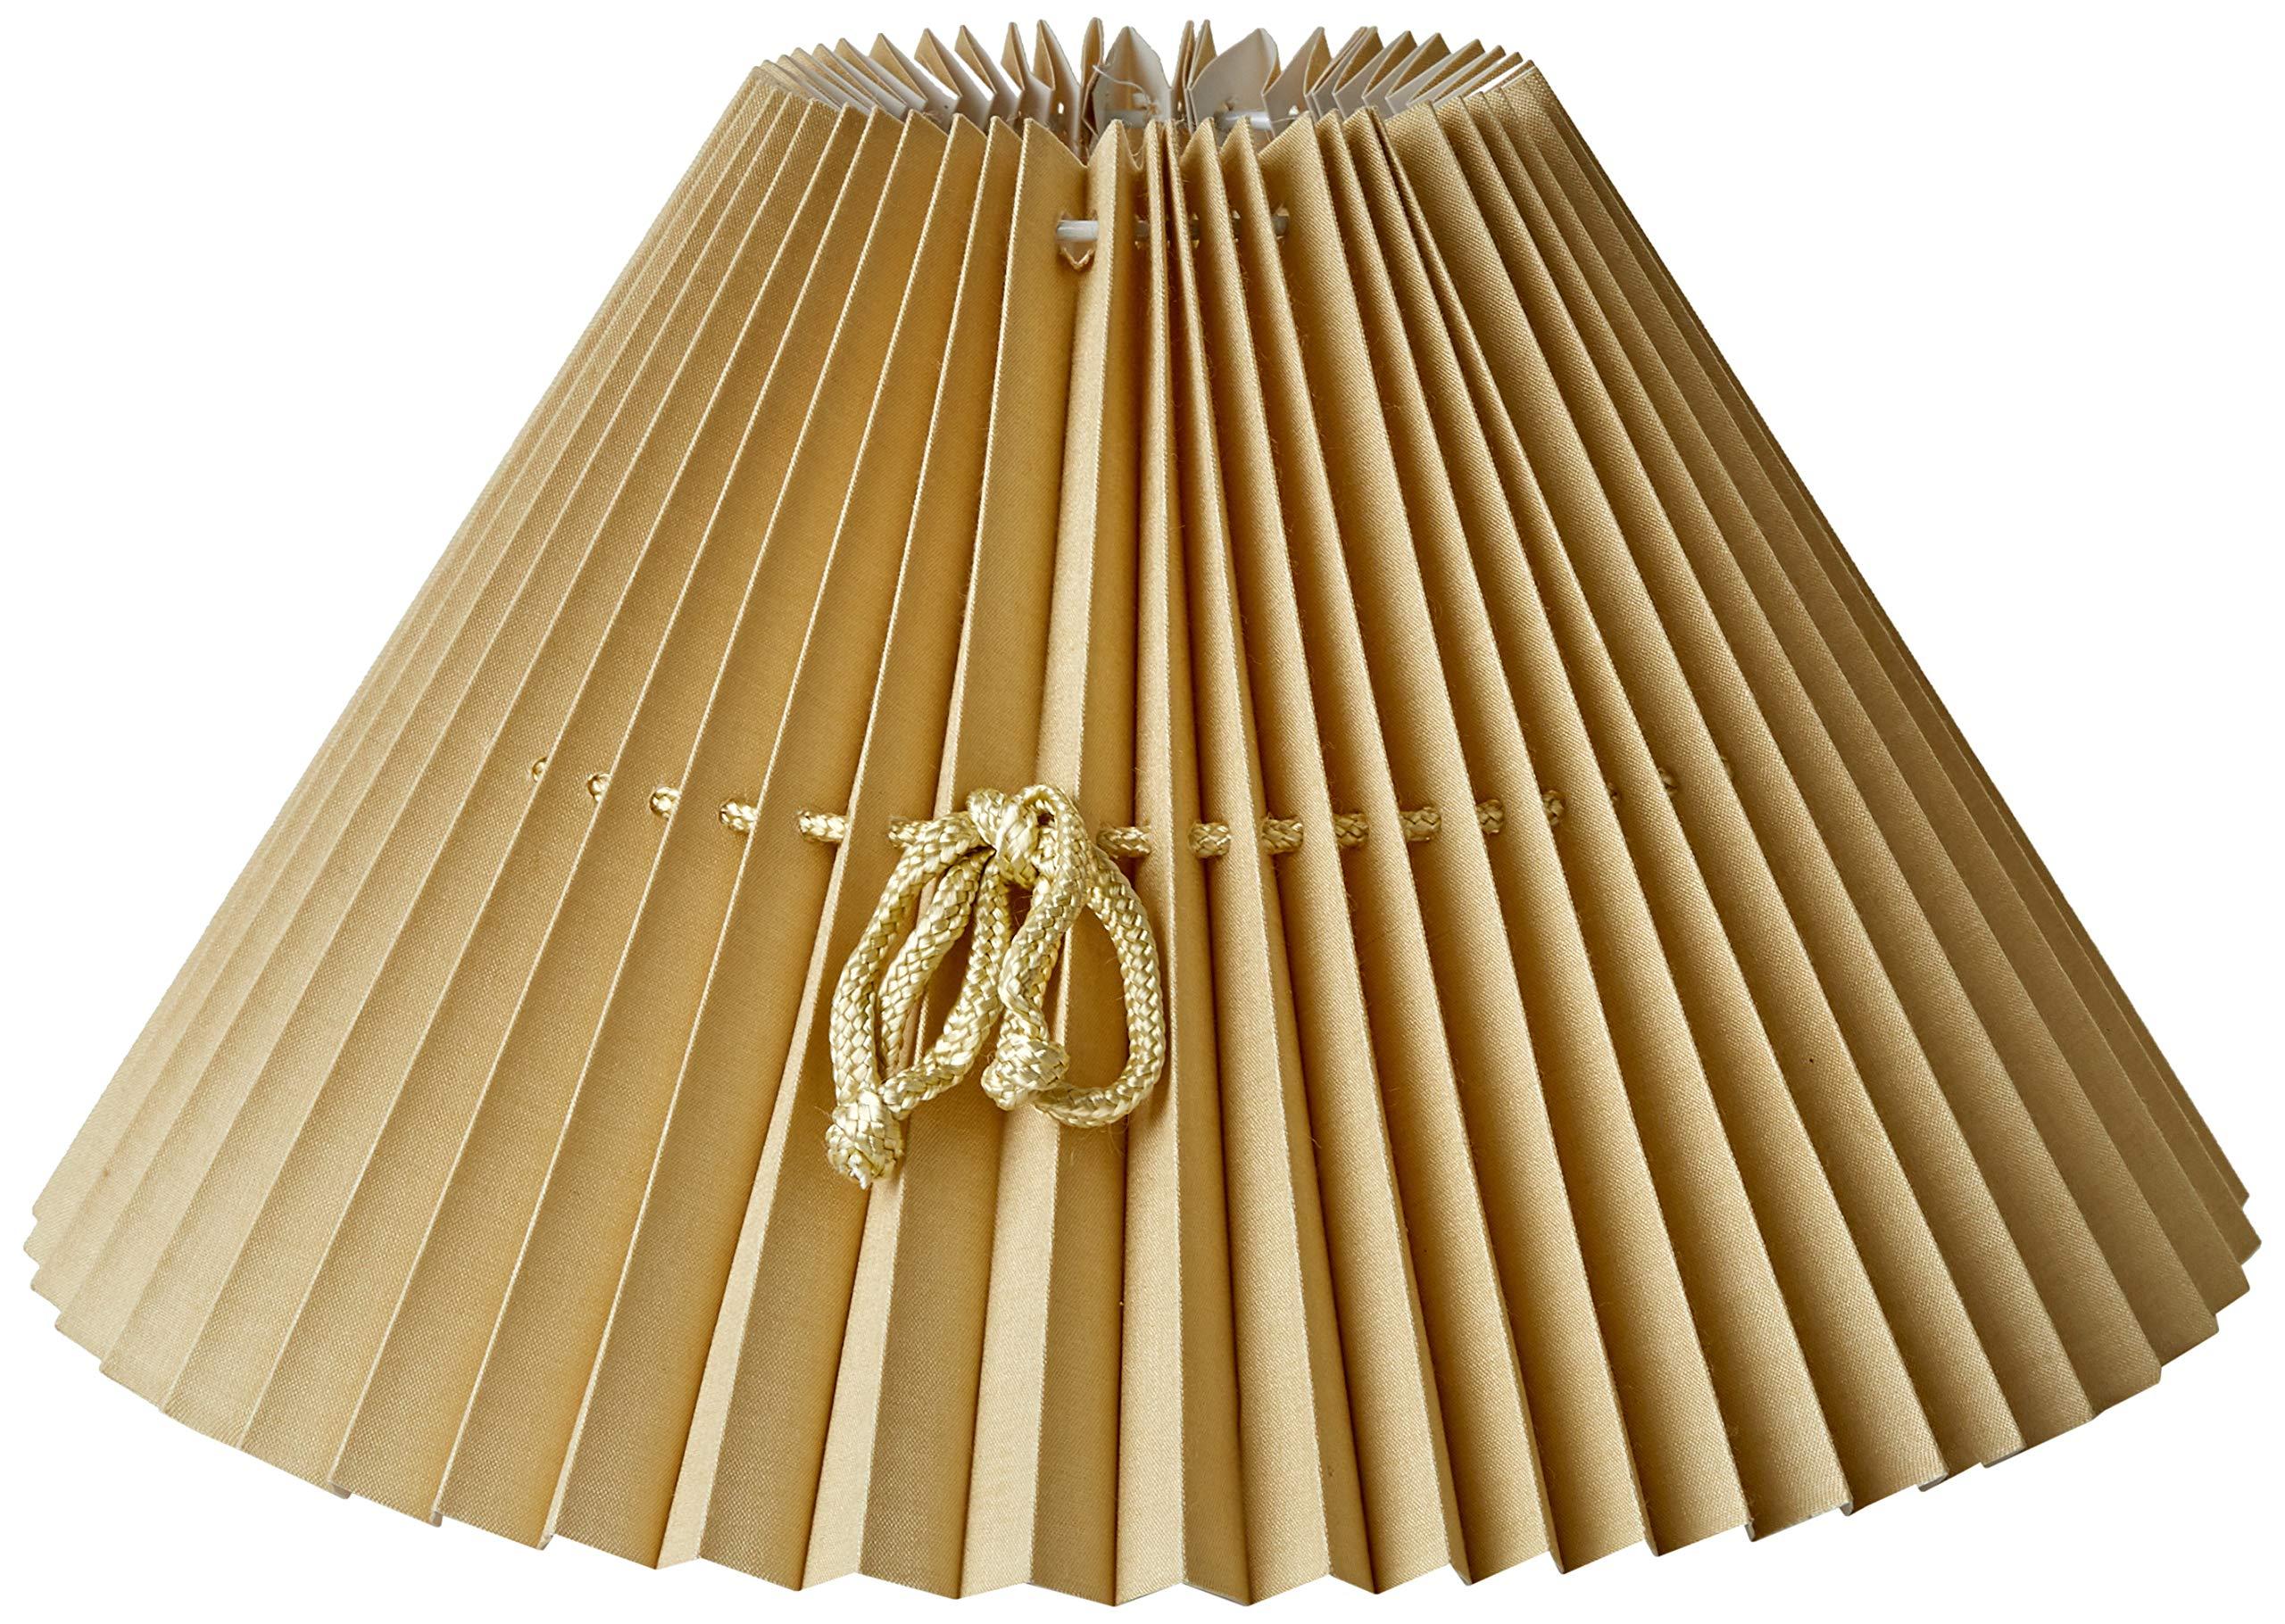 dimensioni: 30 cm Better /& Best 0201307-Vetro per lampadario in cotone Tagliere grande colore: giallo